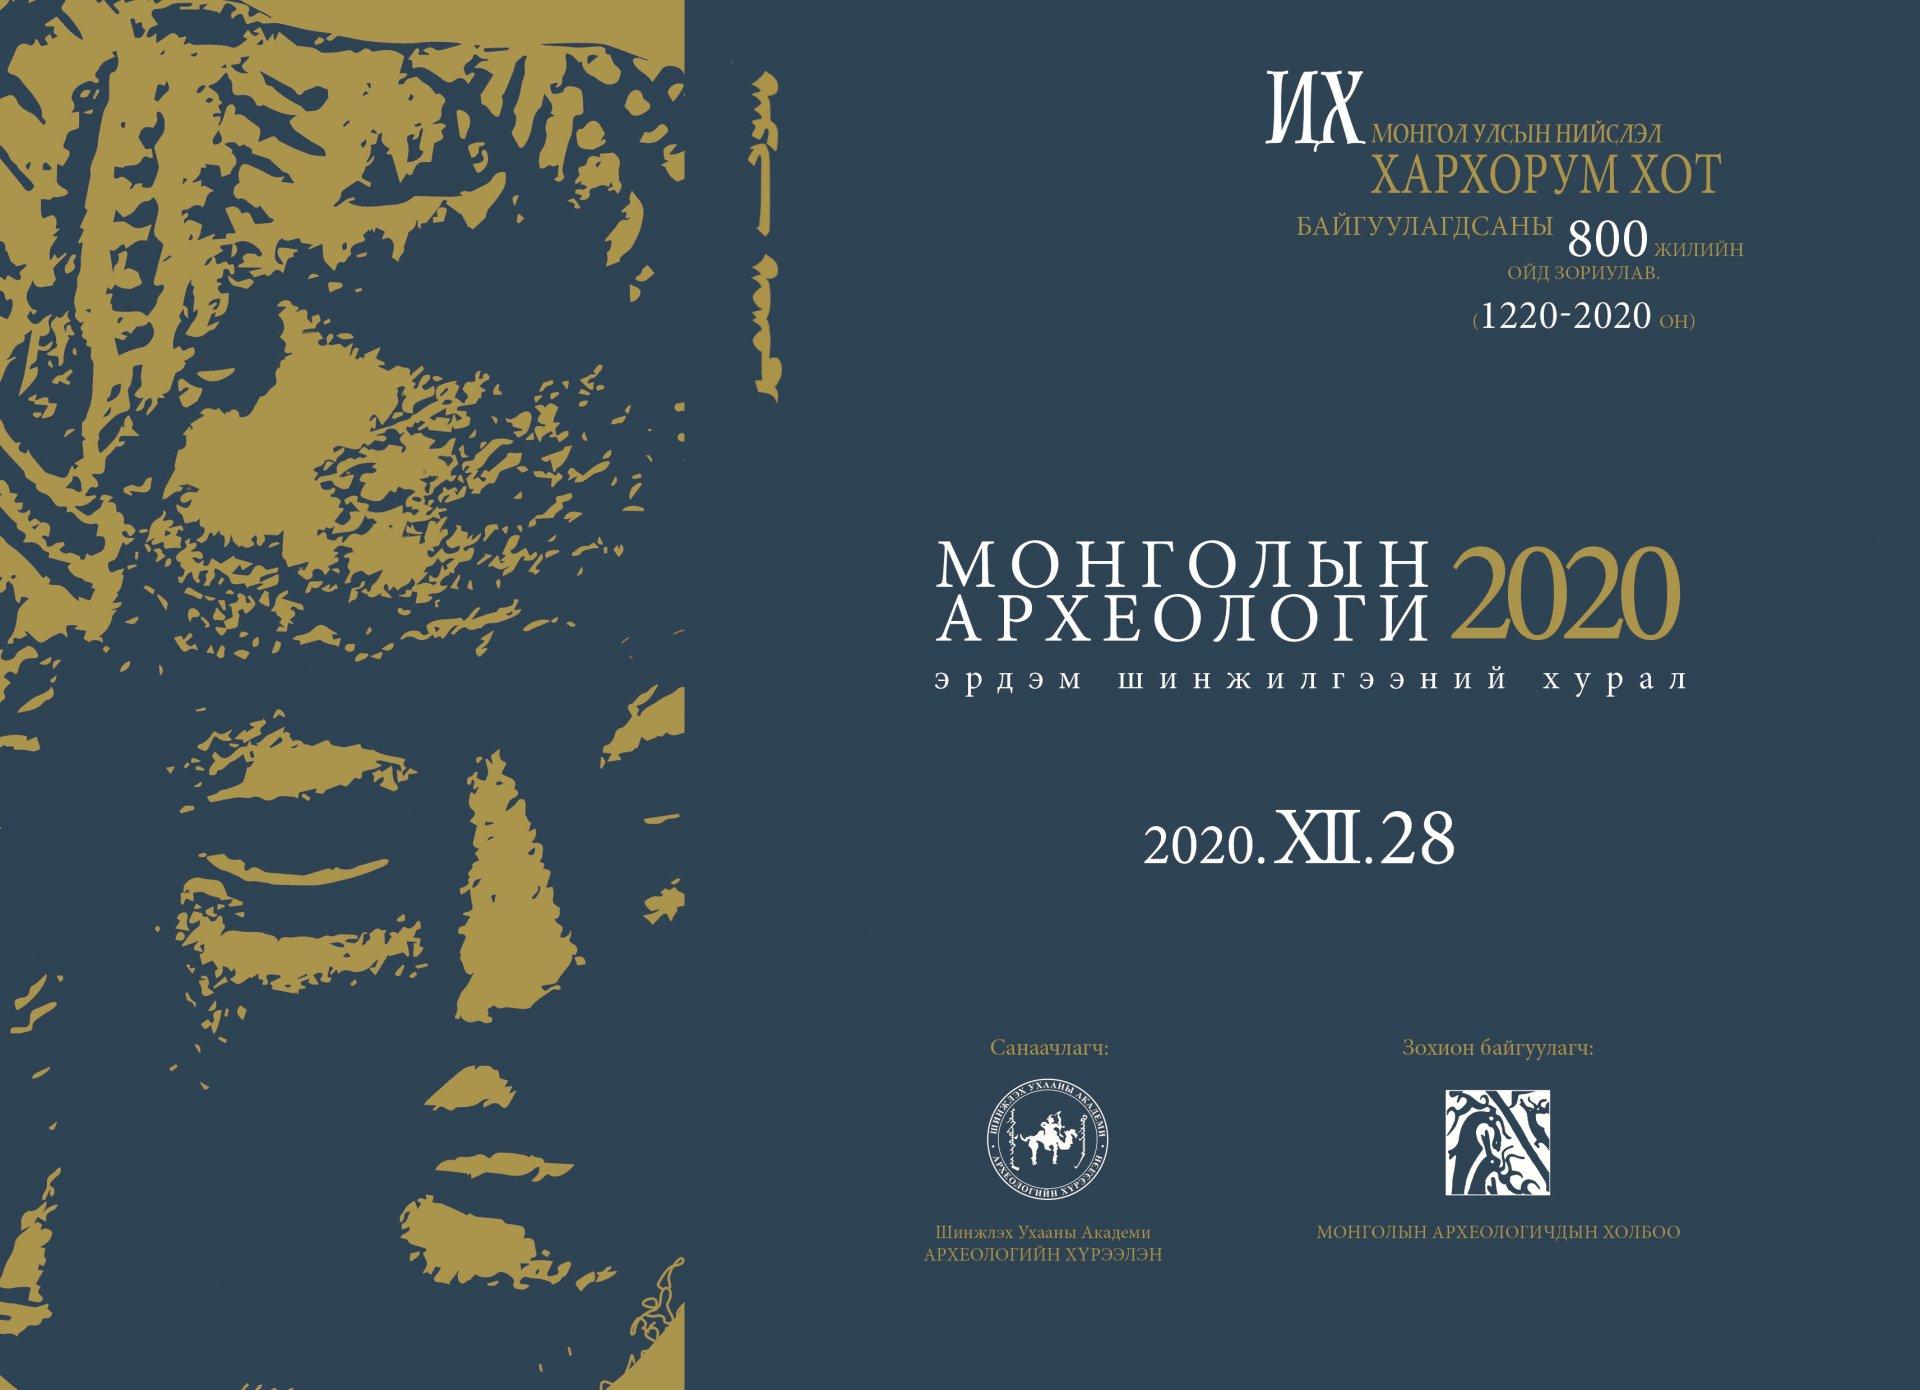 Монголын Археологи-2020